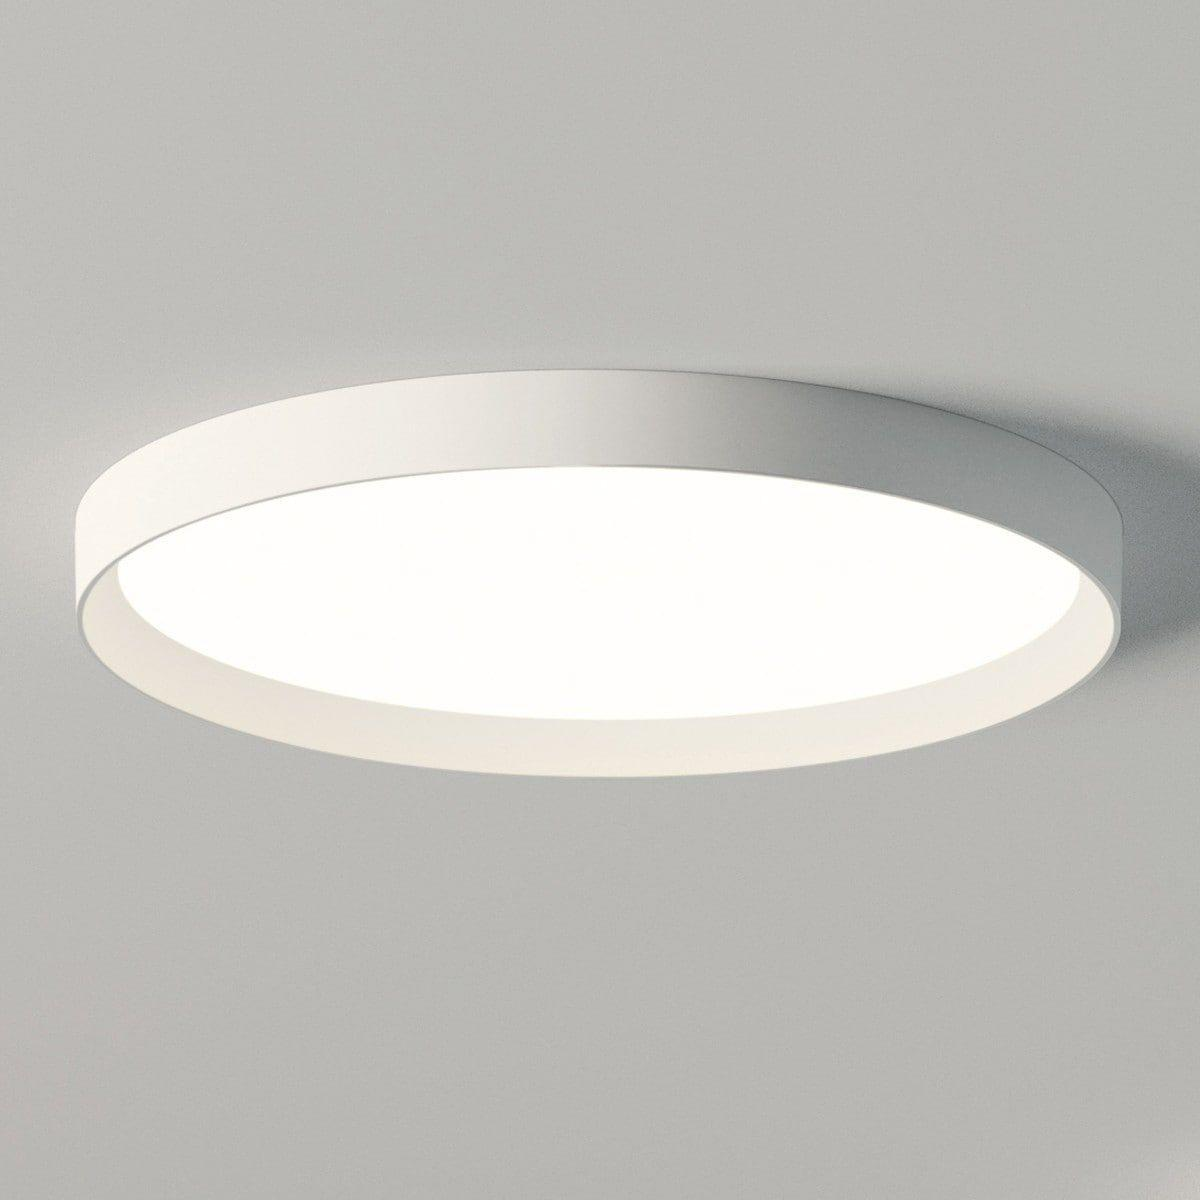 Lampe Weiß Rund